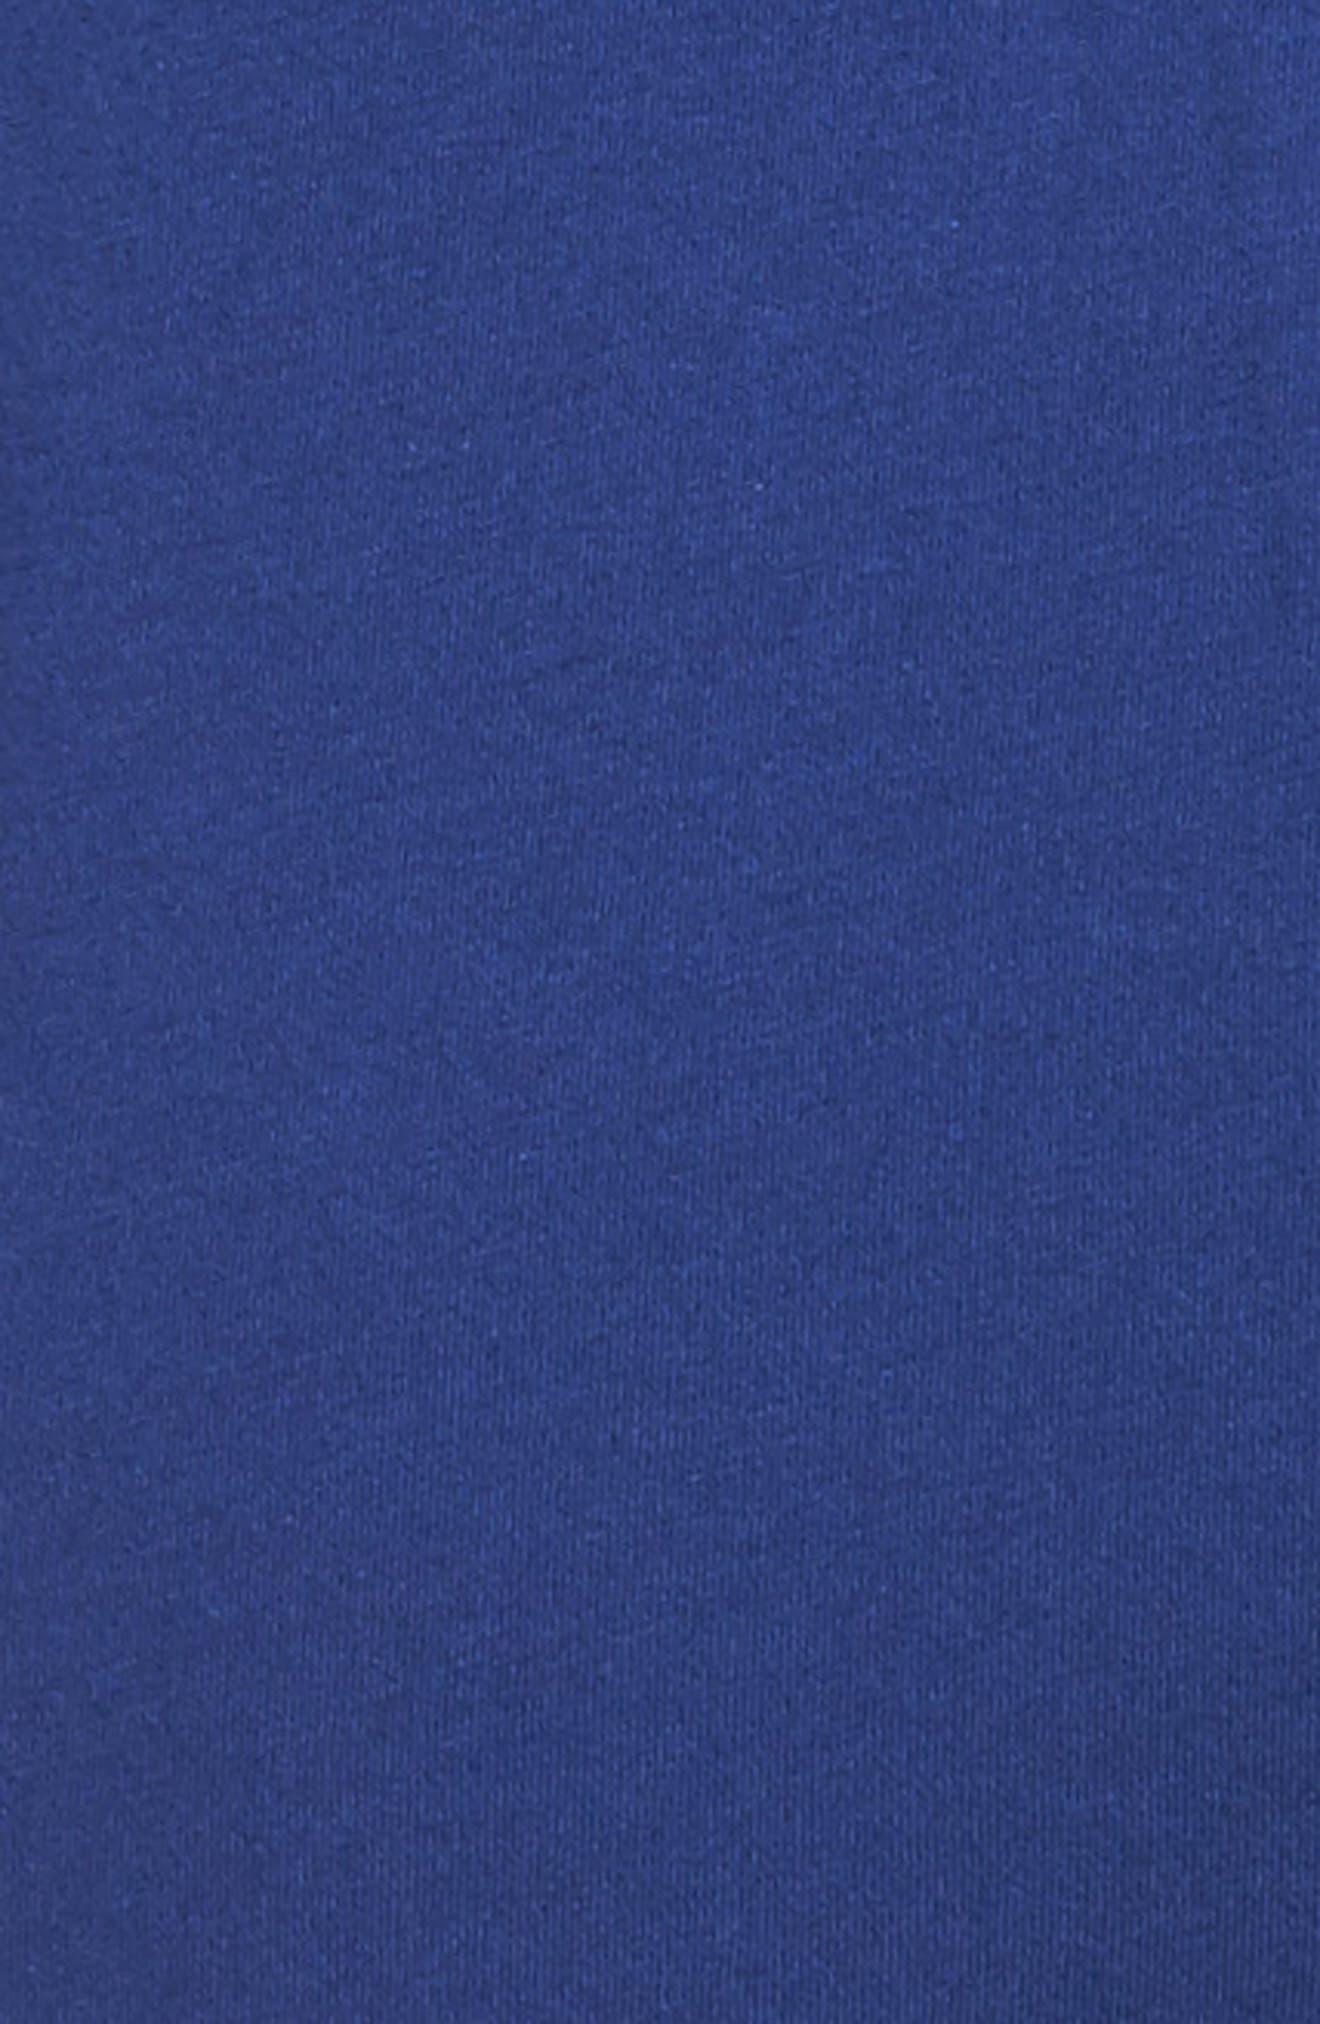 3-Pack Cotton Boxers,                             Alternate thumbnail 5, color,                             420